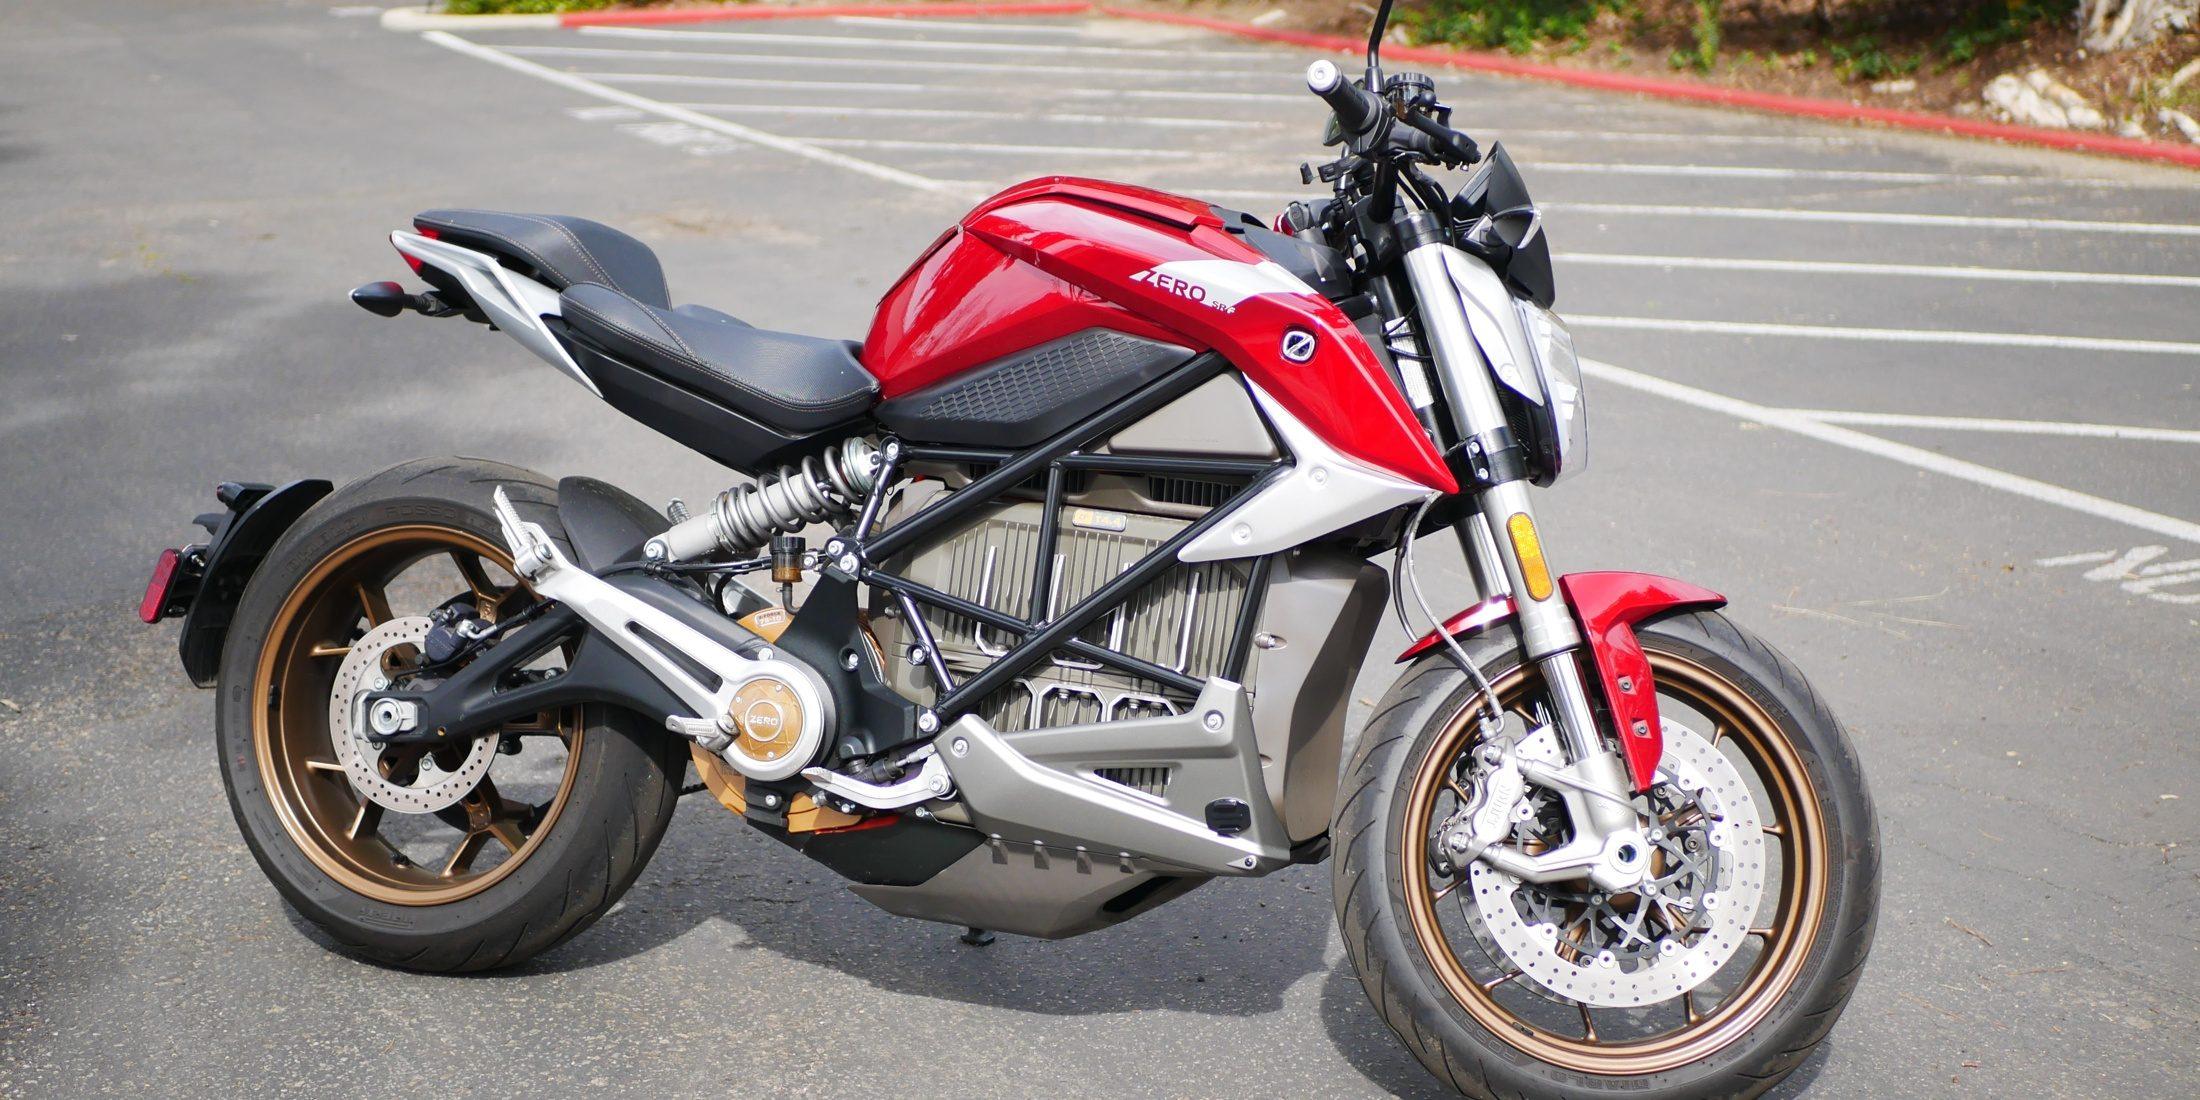 Zero SR F Las 10 mejores motocicletas eléctricas de 2020